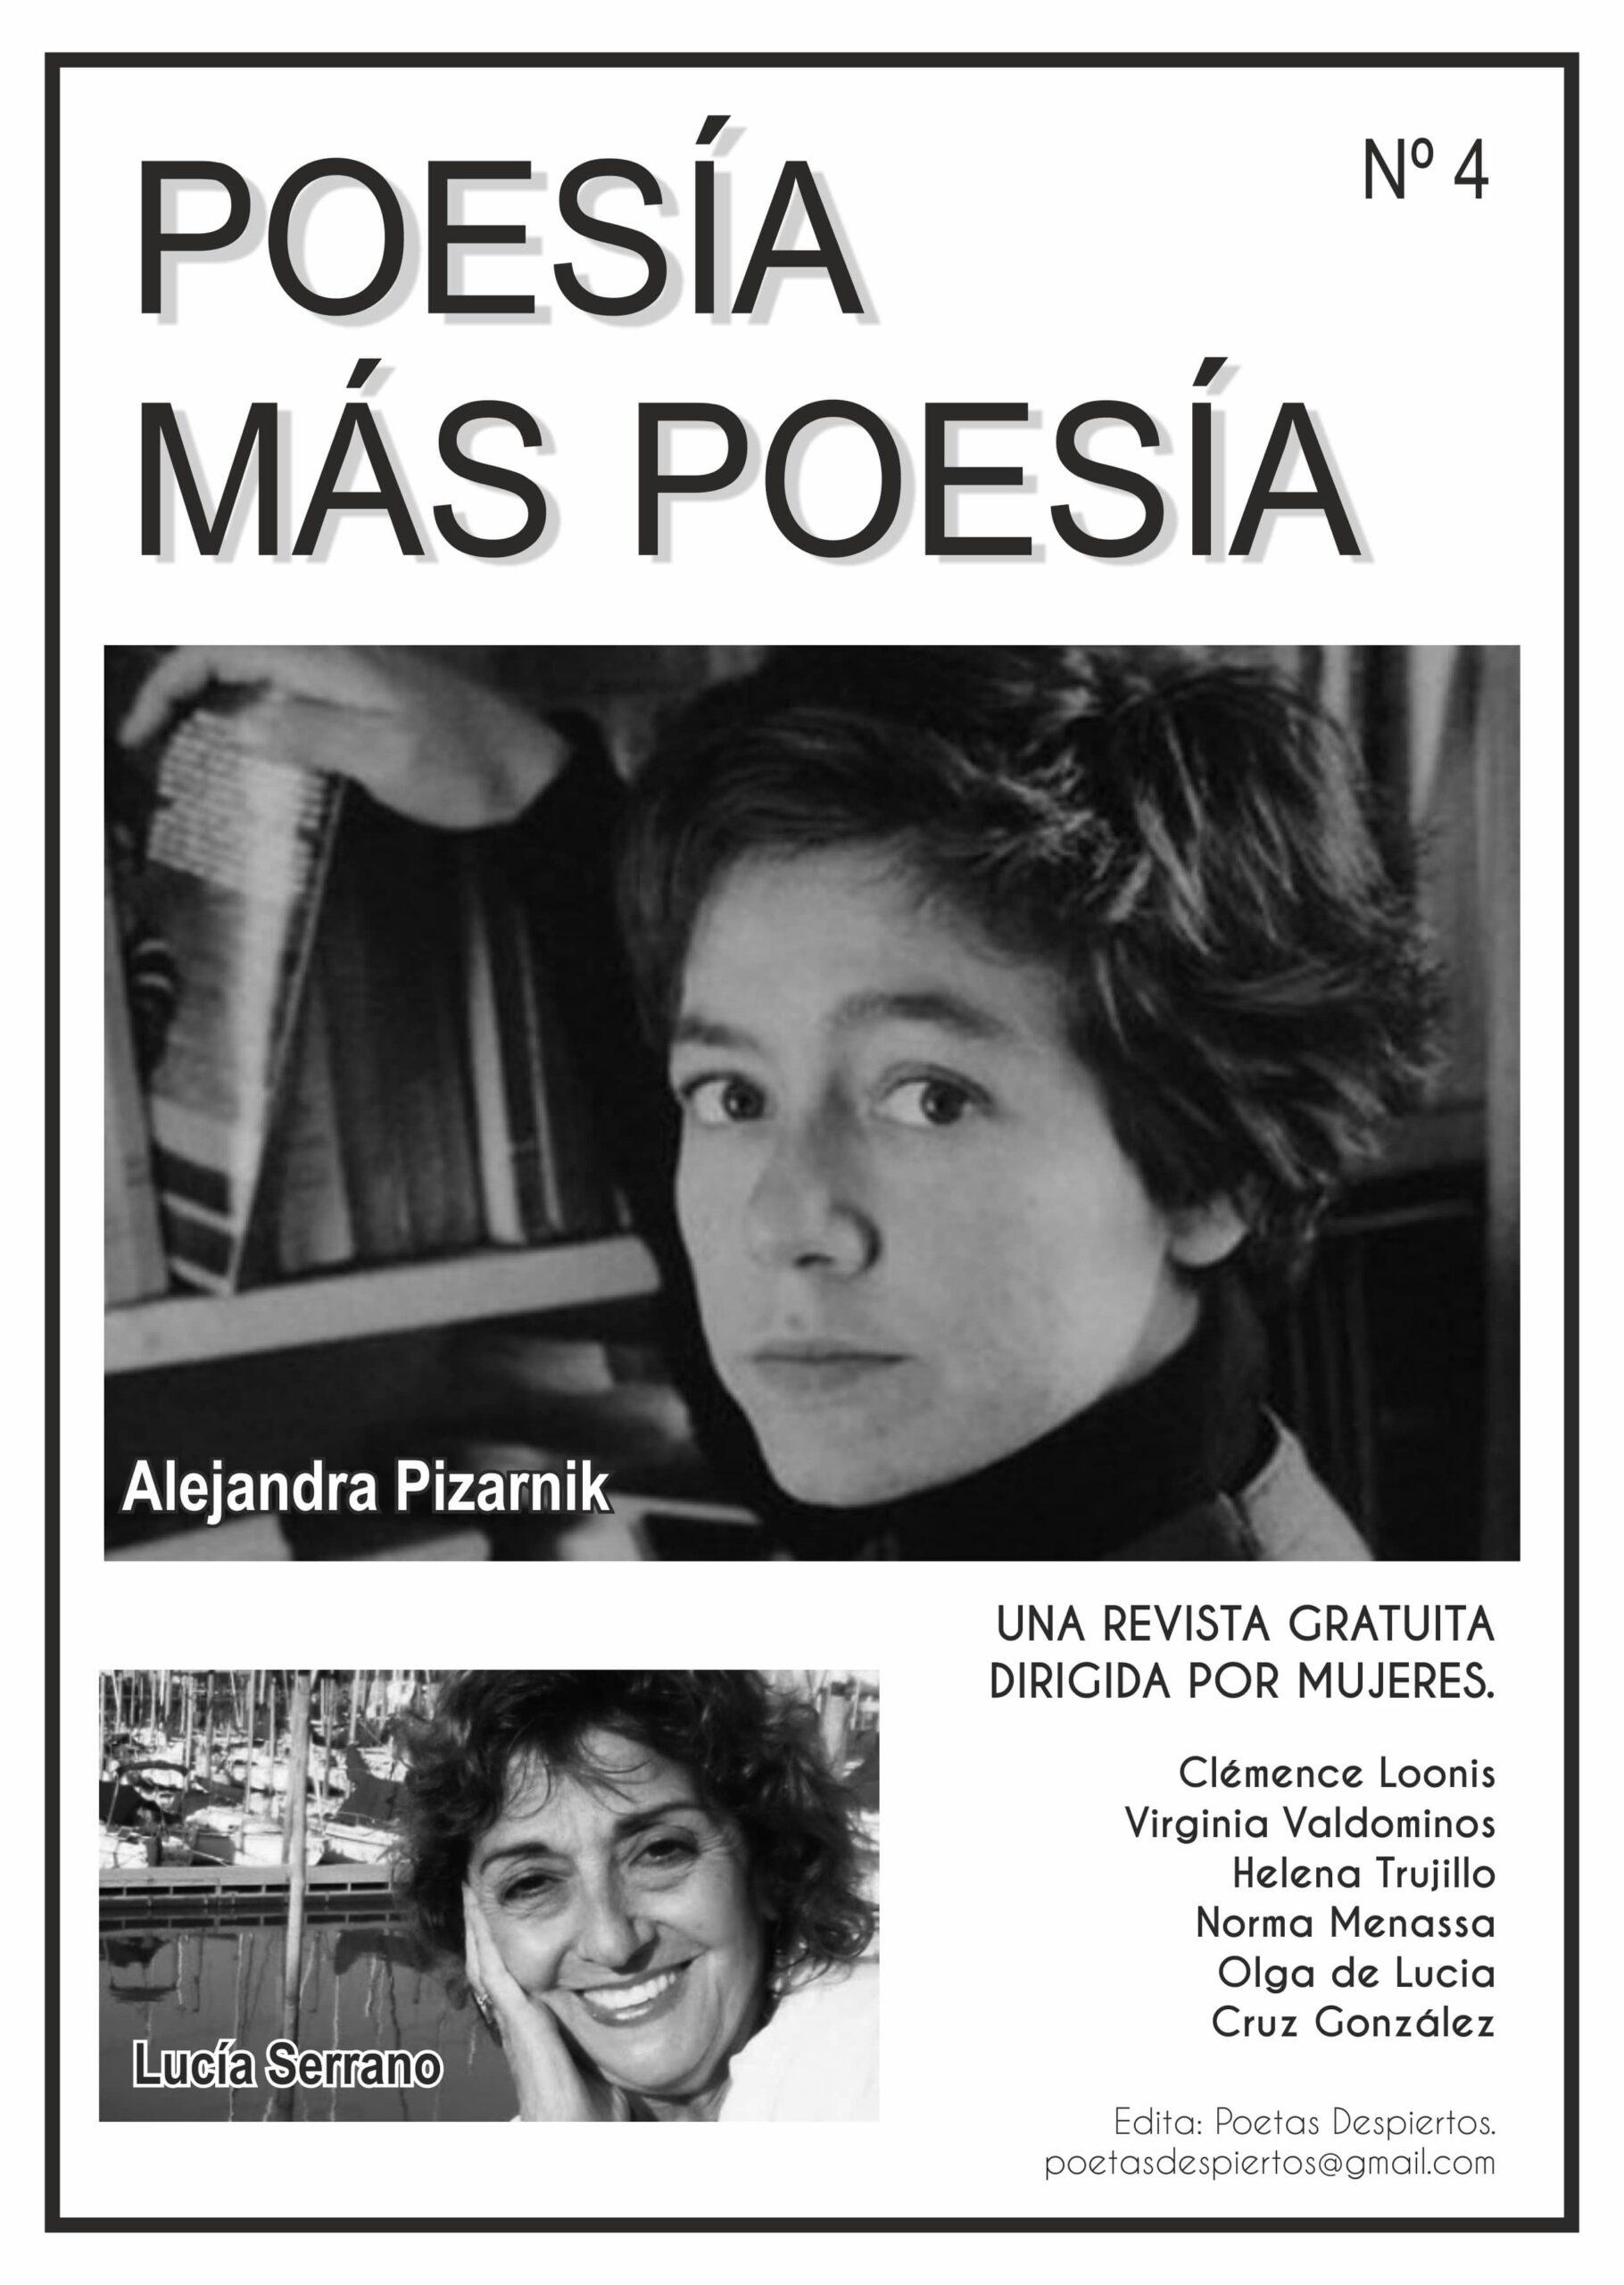 Revista dedicada a las poetas argentinas Alejandra Pizarnik y Lucía Serrano.